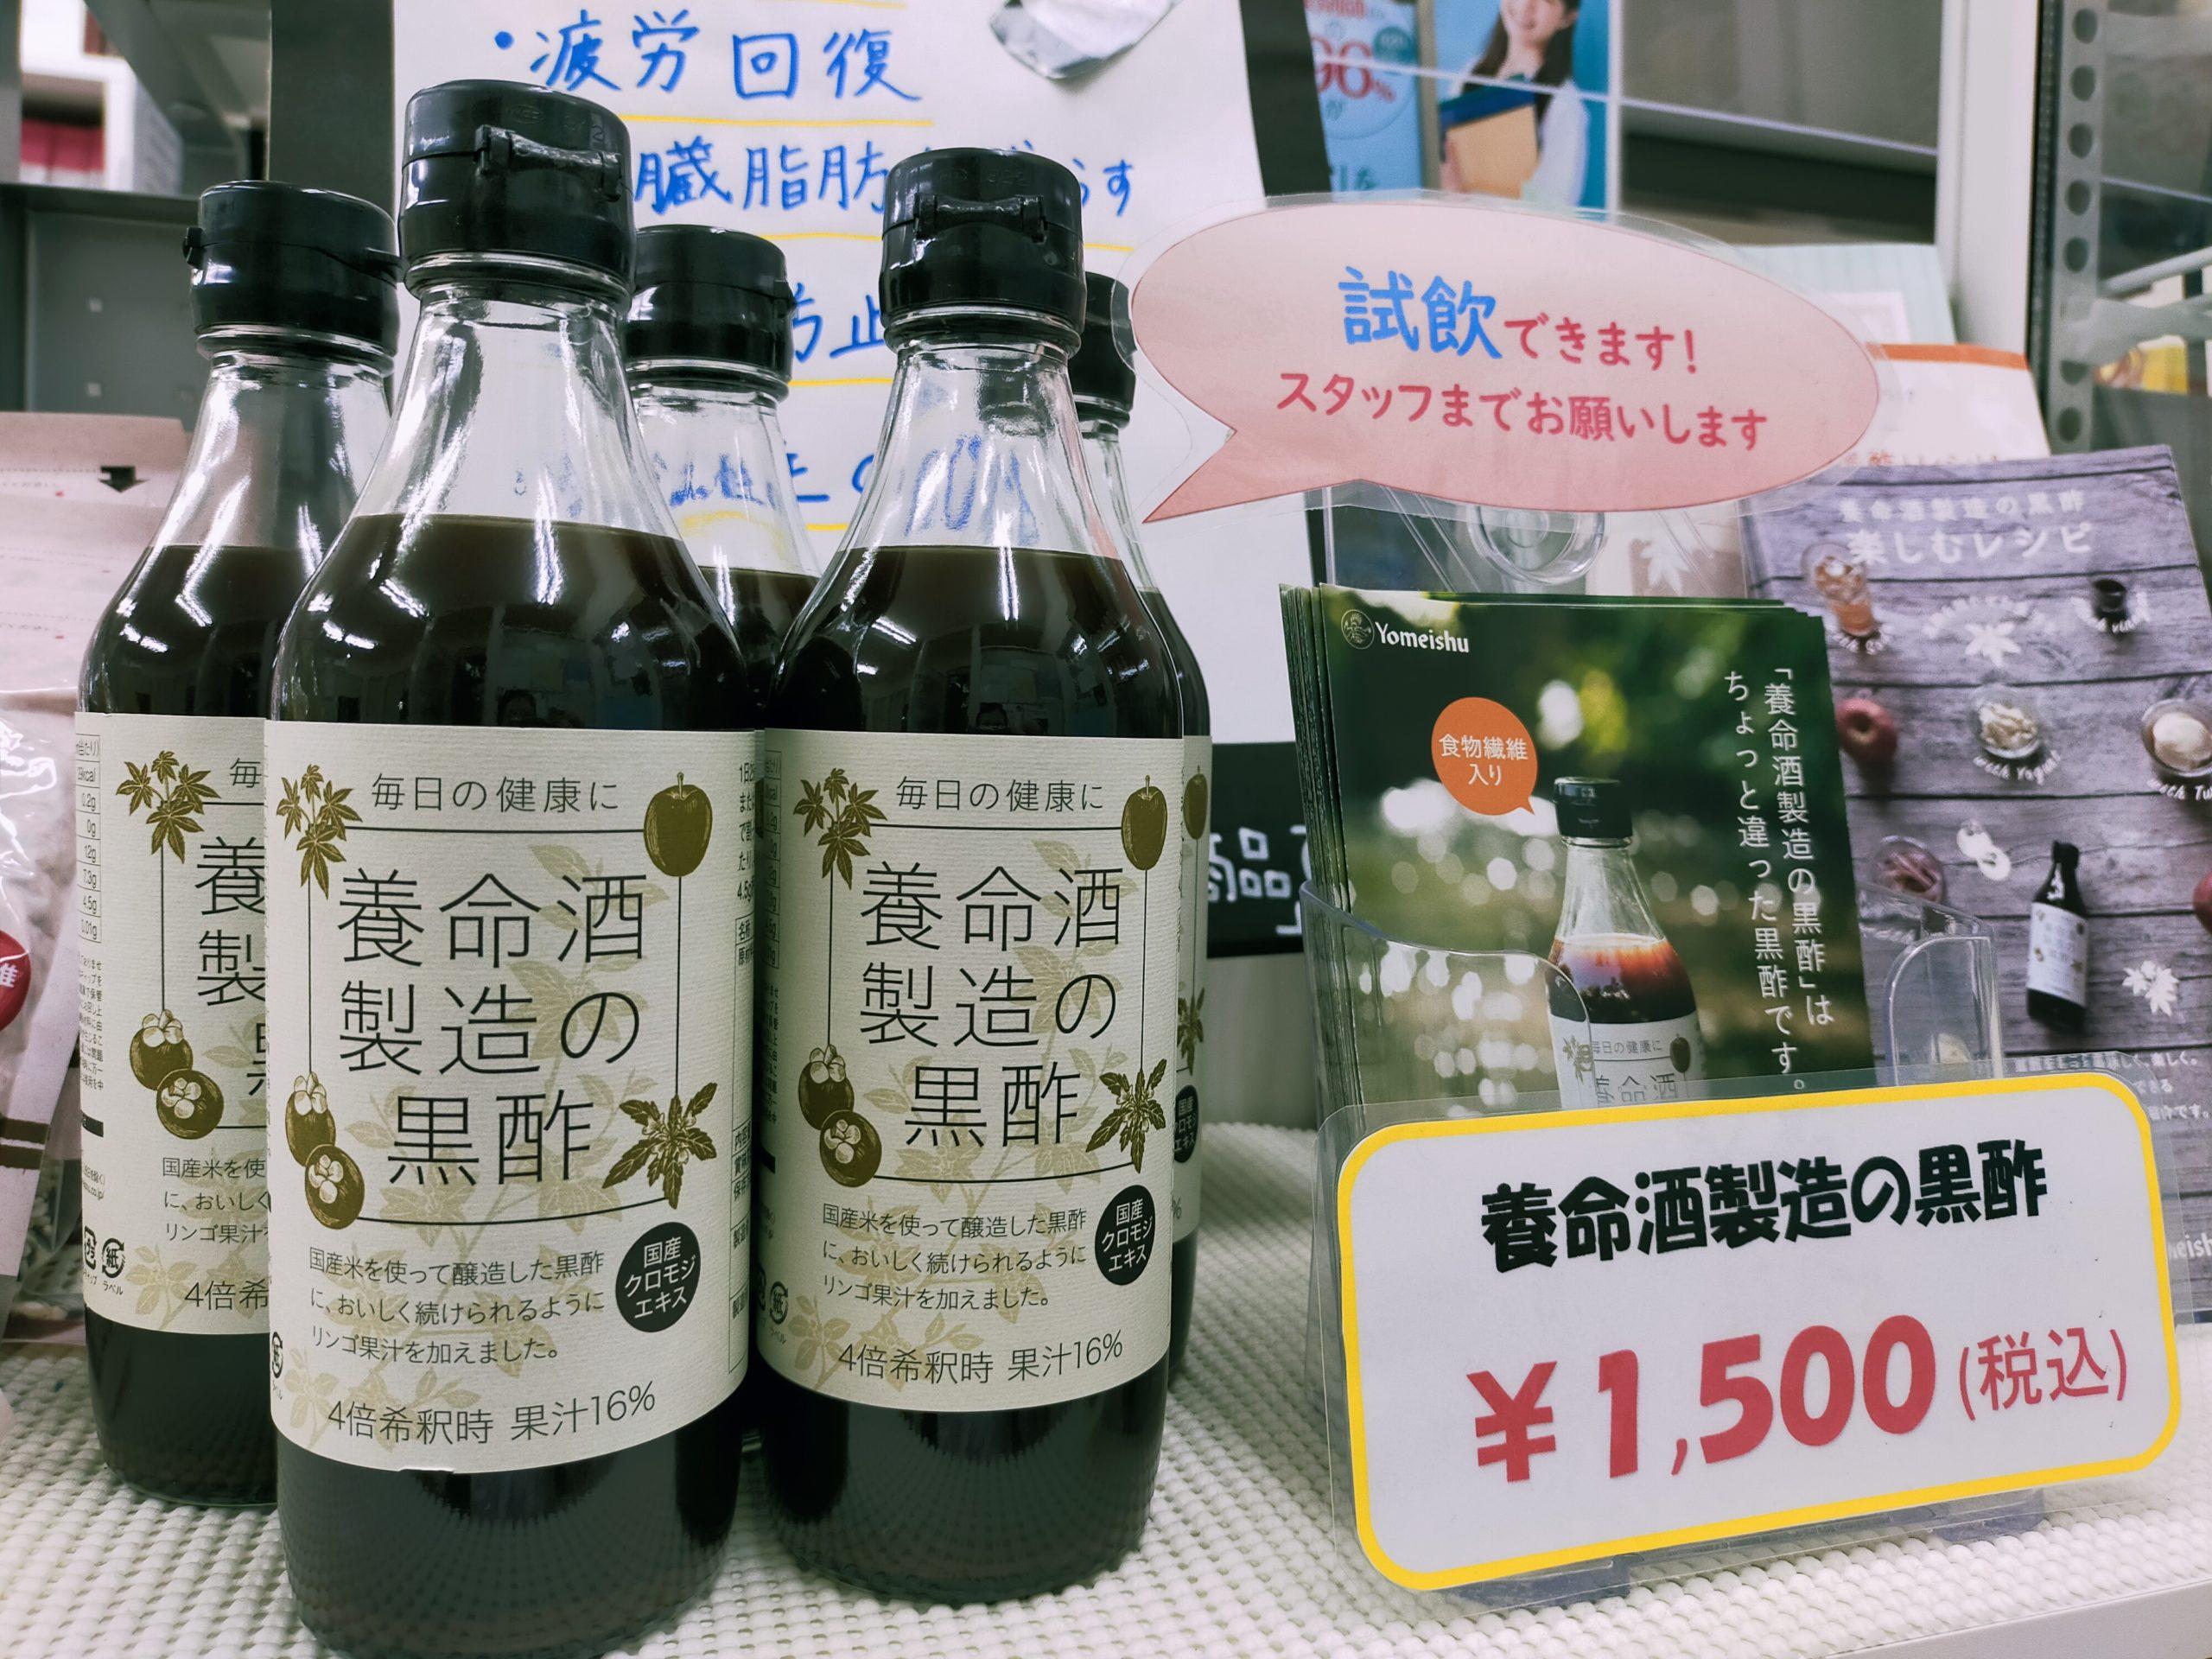 これからの健康の為に「黒酢」を飲もう!